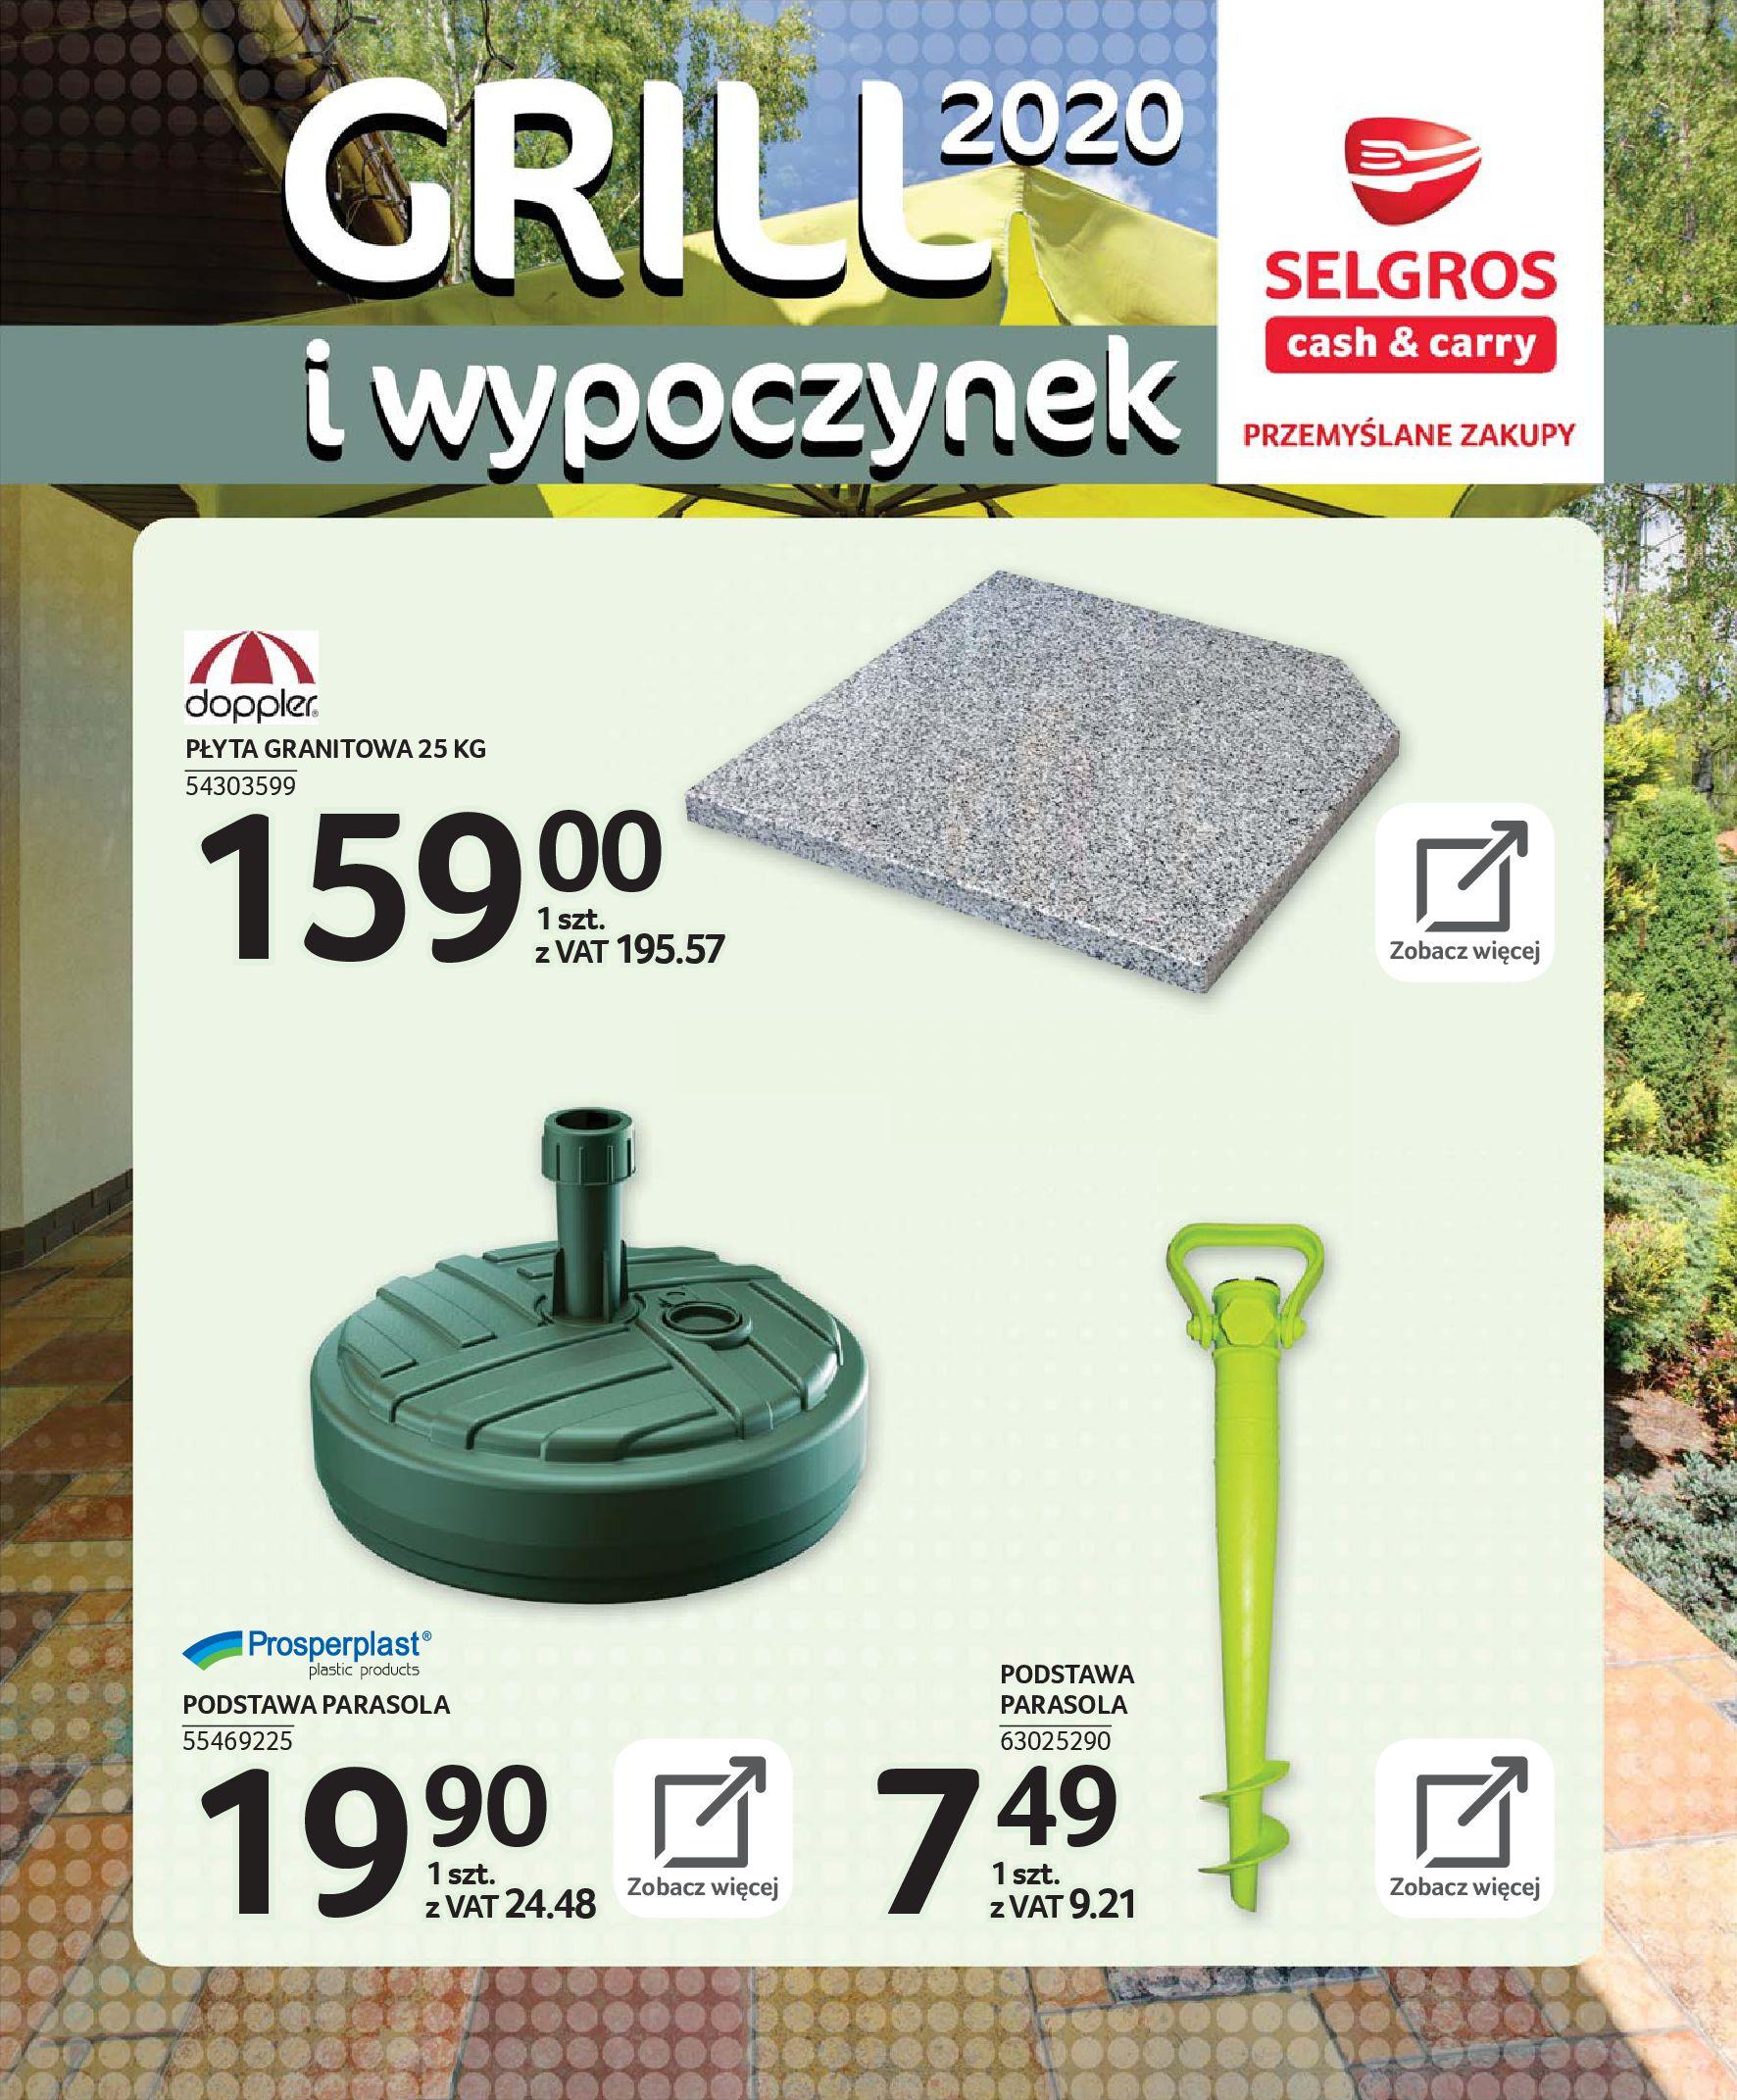 Gazetka Selgros - Katalog - Grill i wypoczynek-31.03.2020-31.08.2020-page-37